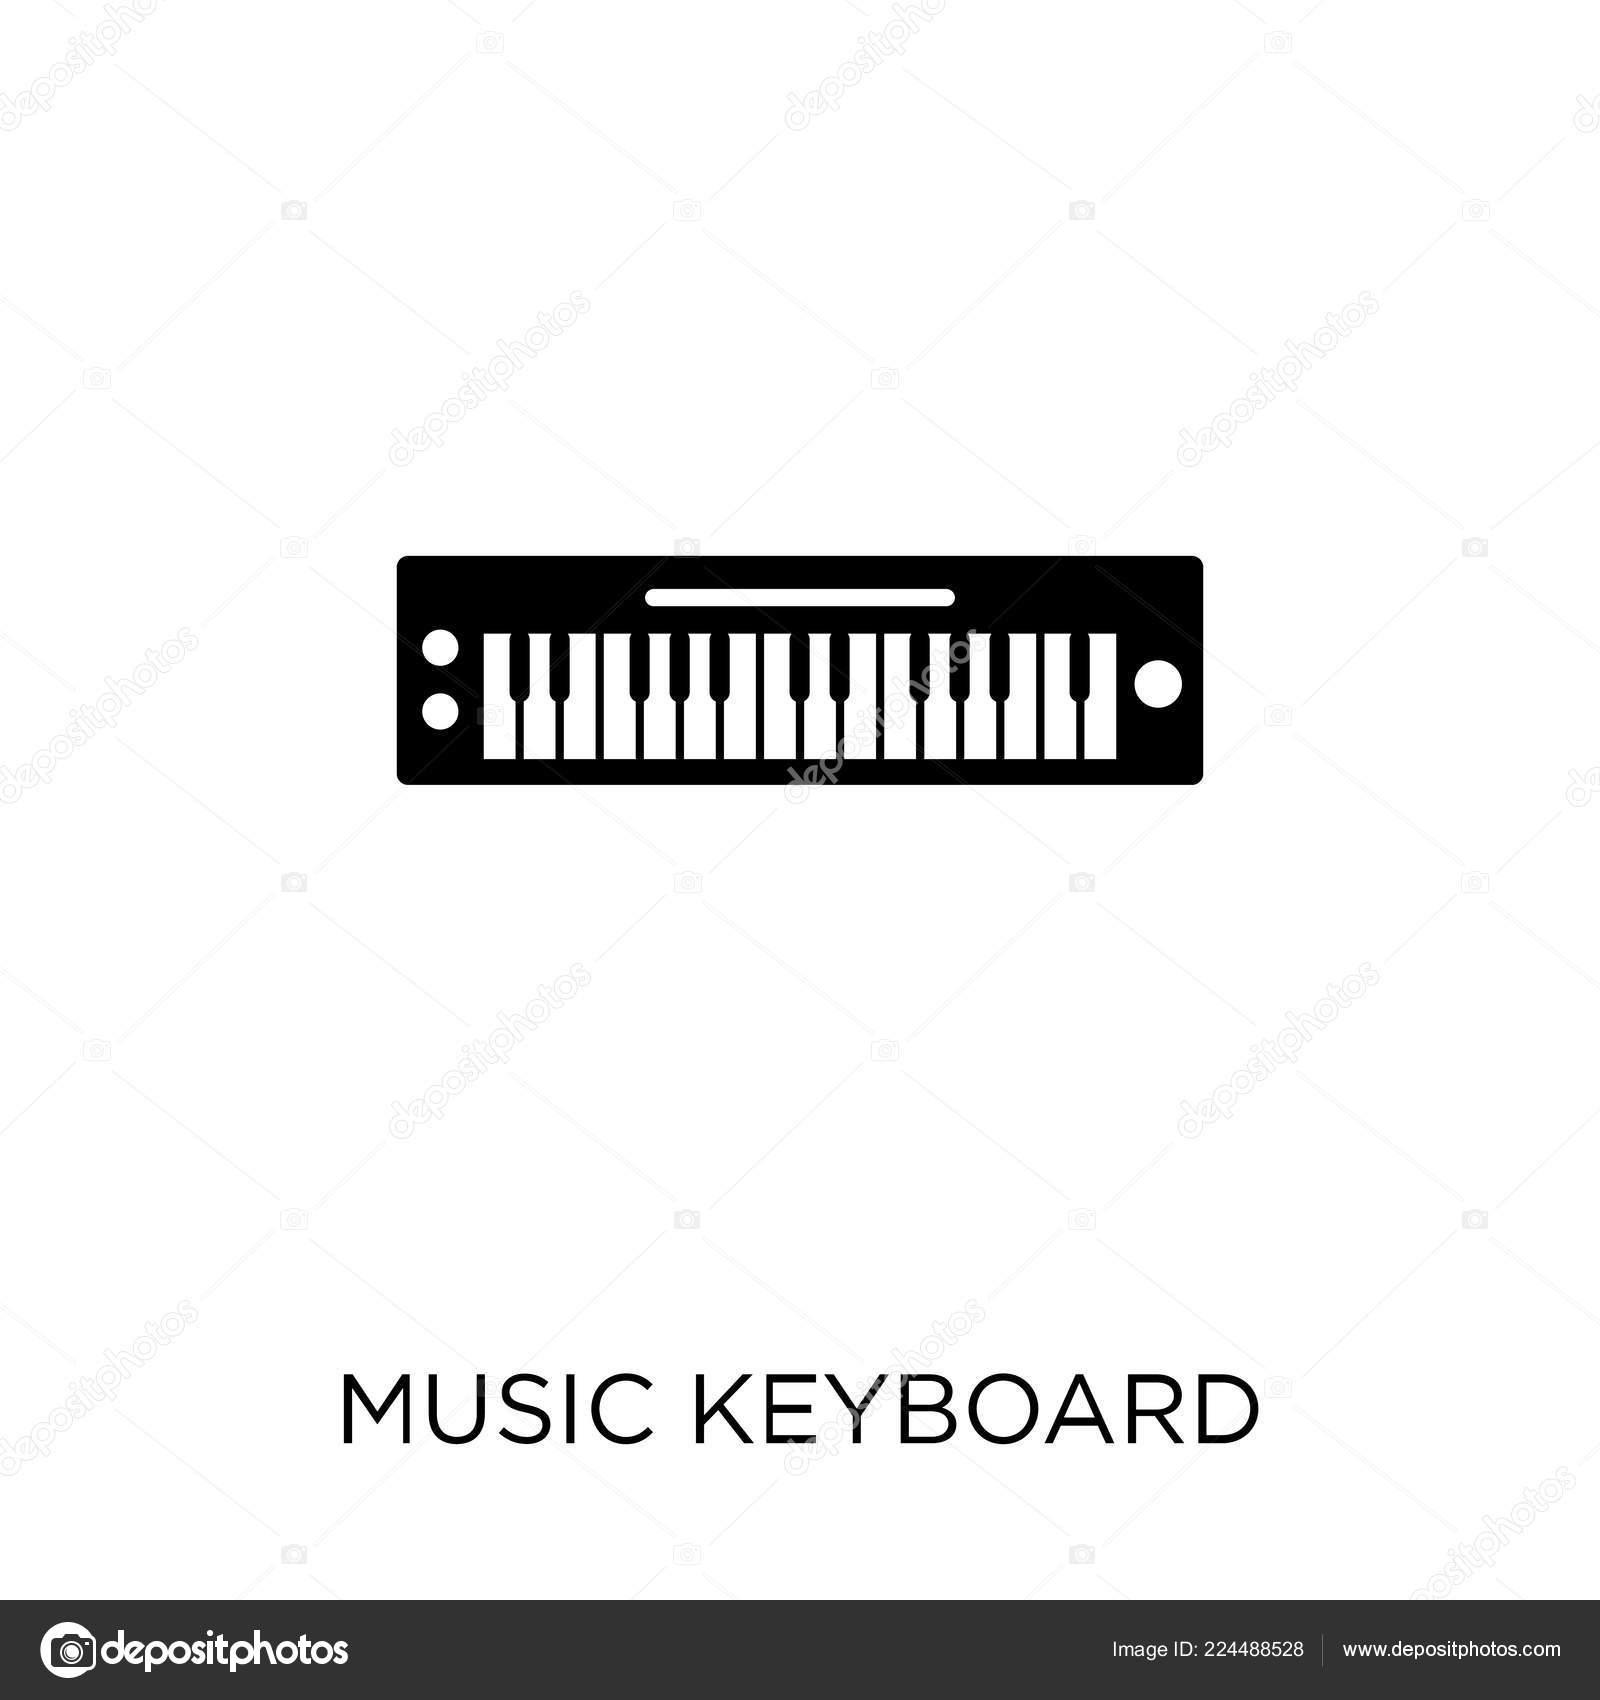 Icono Teclado Música Música Teclado Diseño Símbolo Colección Música